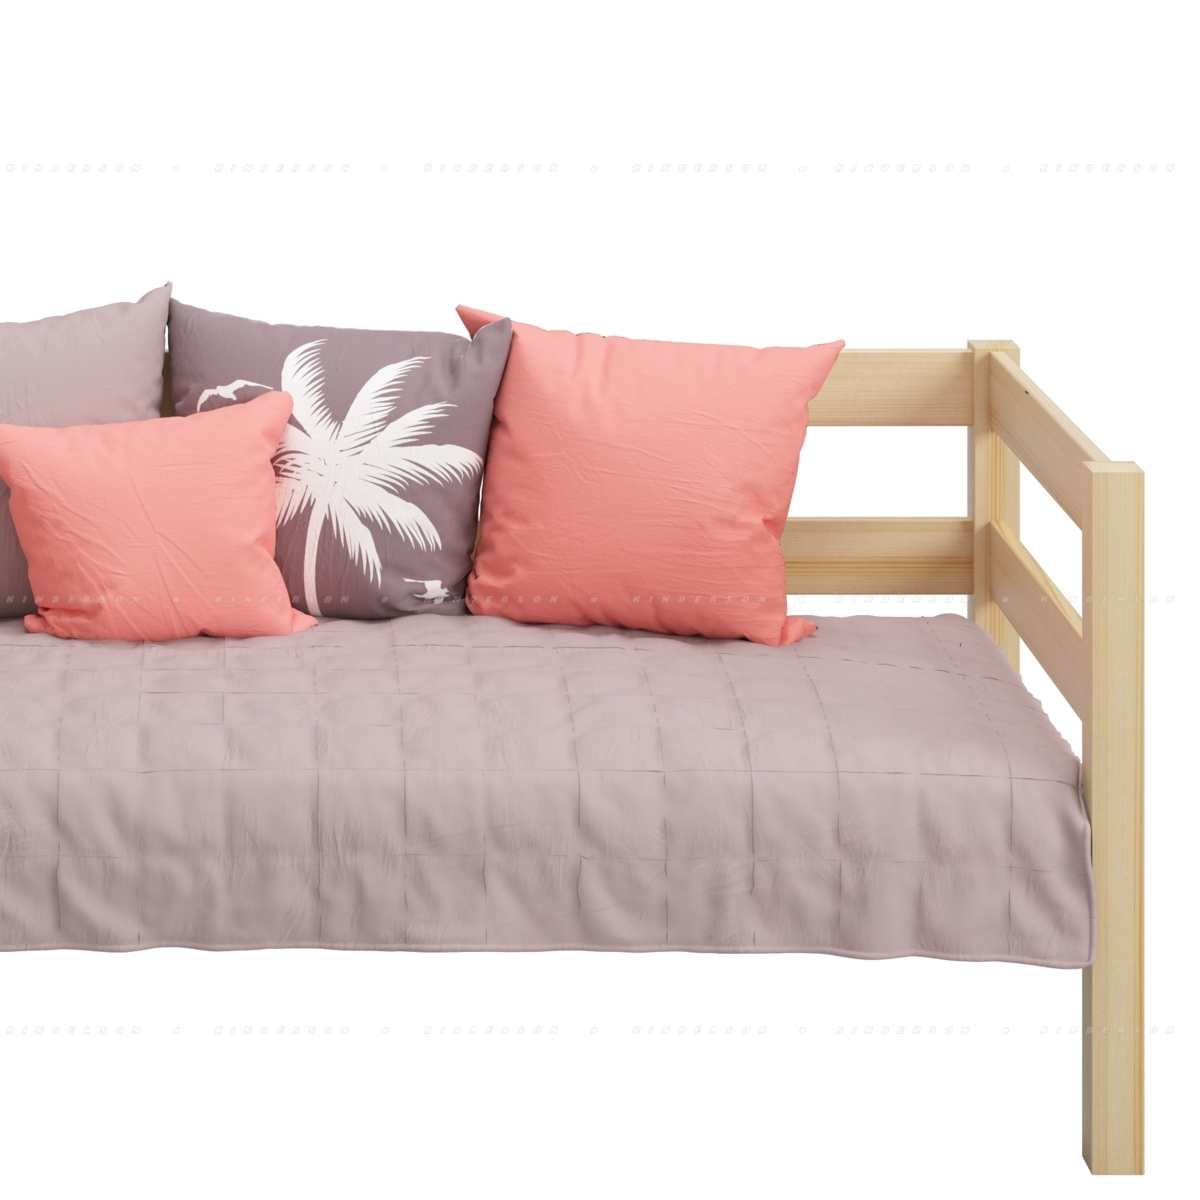 Подушки как вариант создания дополнительного комфорта на кровати с длинным бортиком.